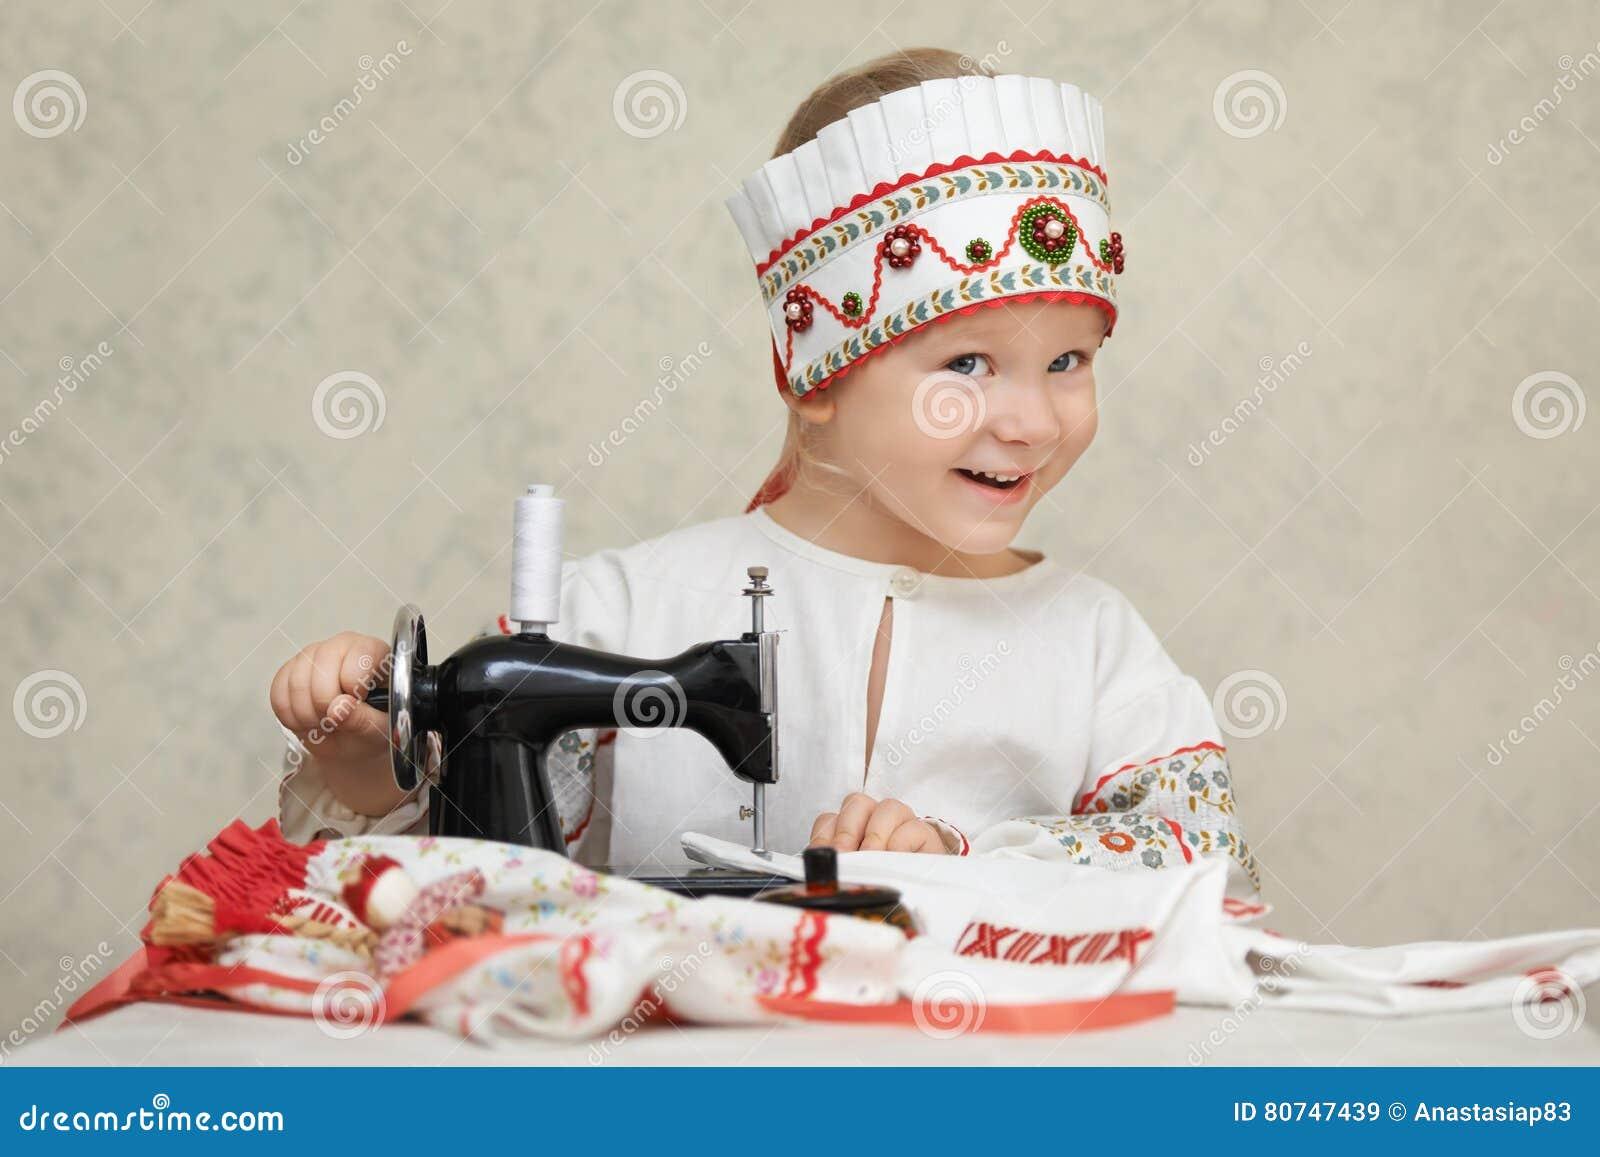 Маленькая девочка в традиционной русской рубашке и kokoshnik на процессе шить